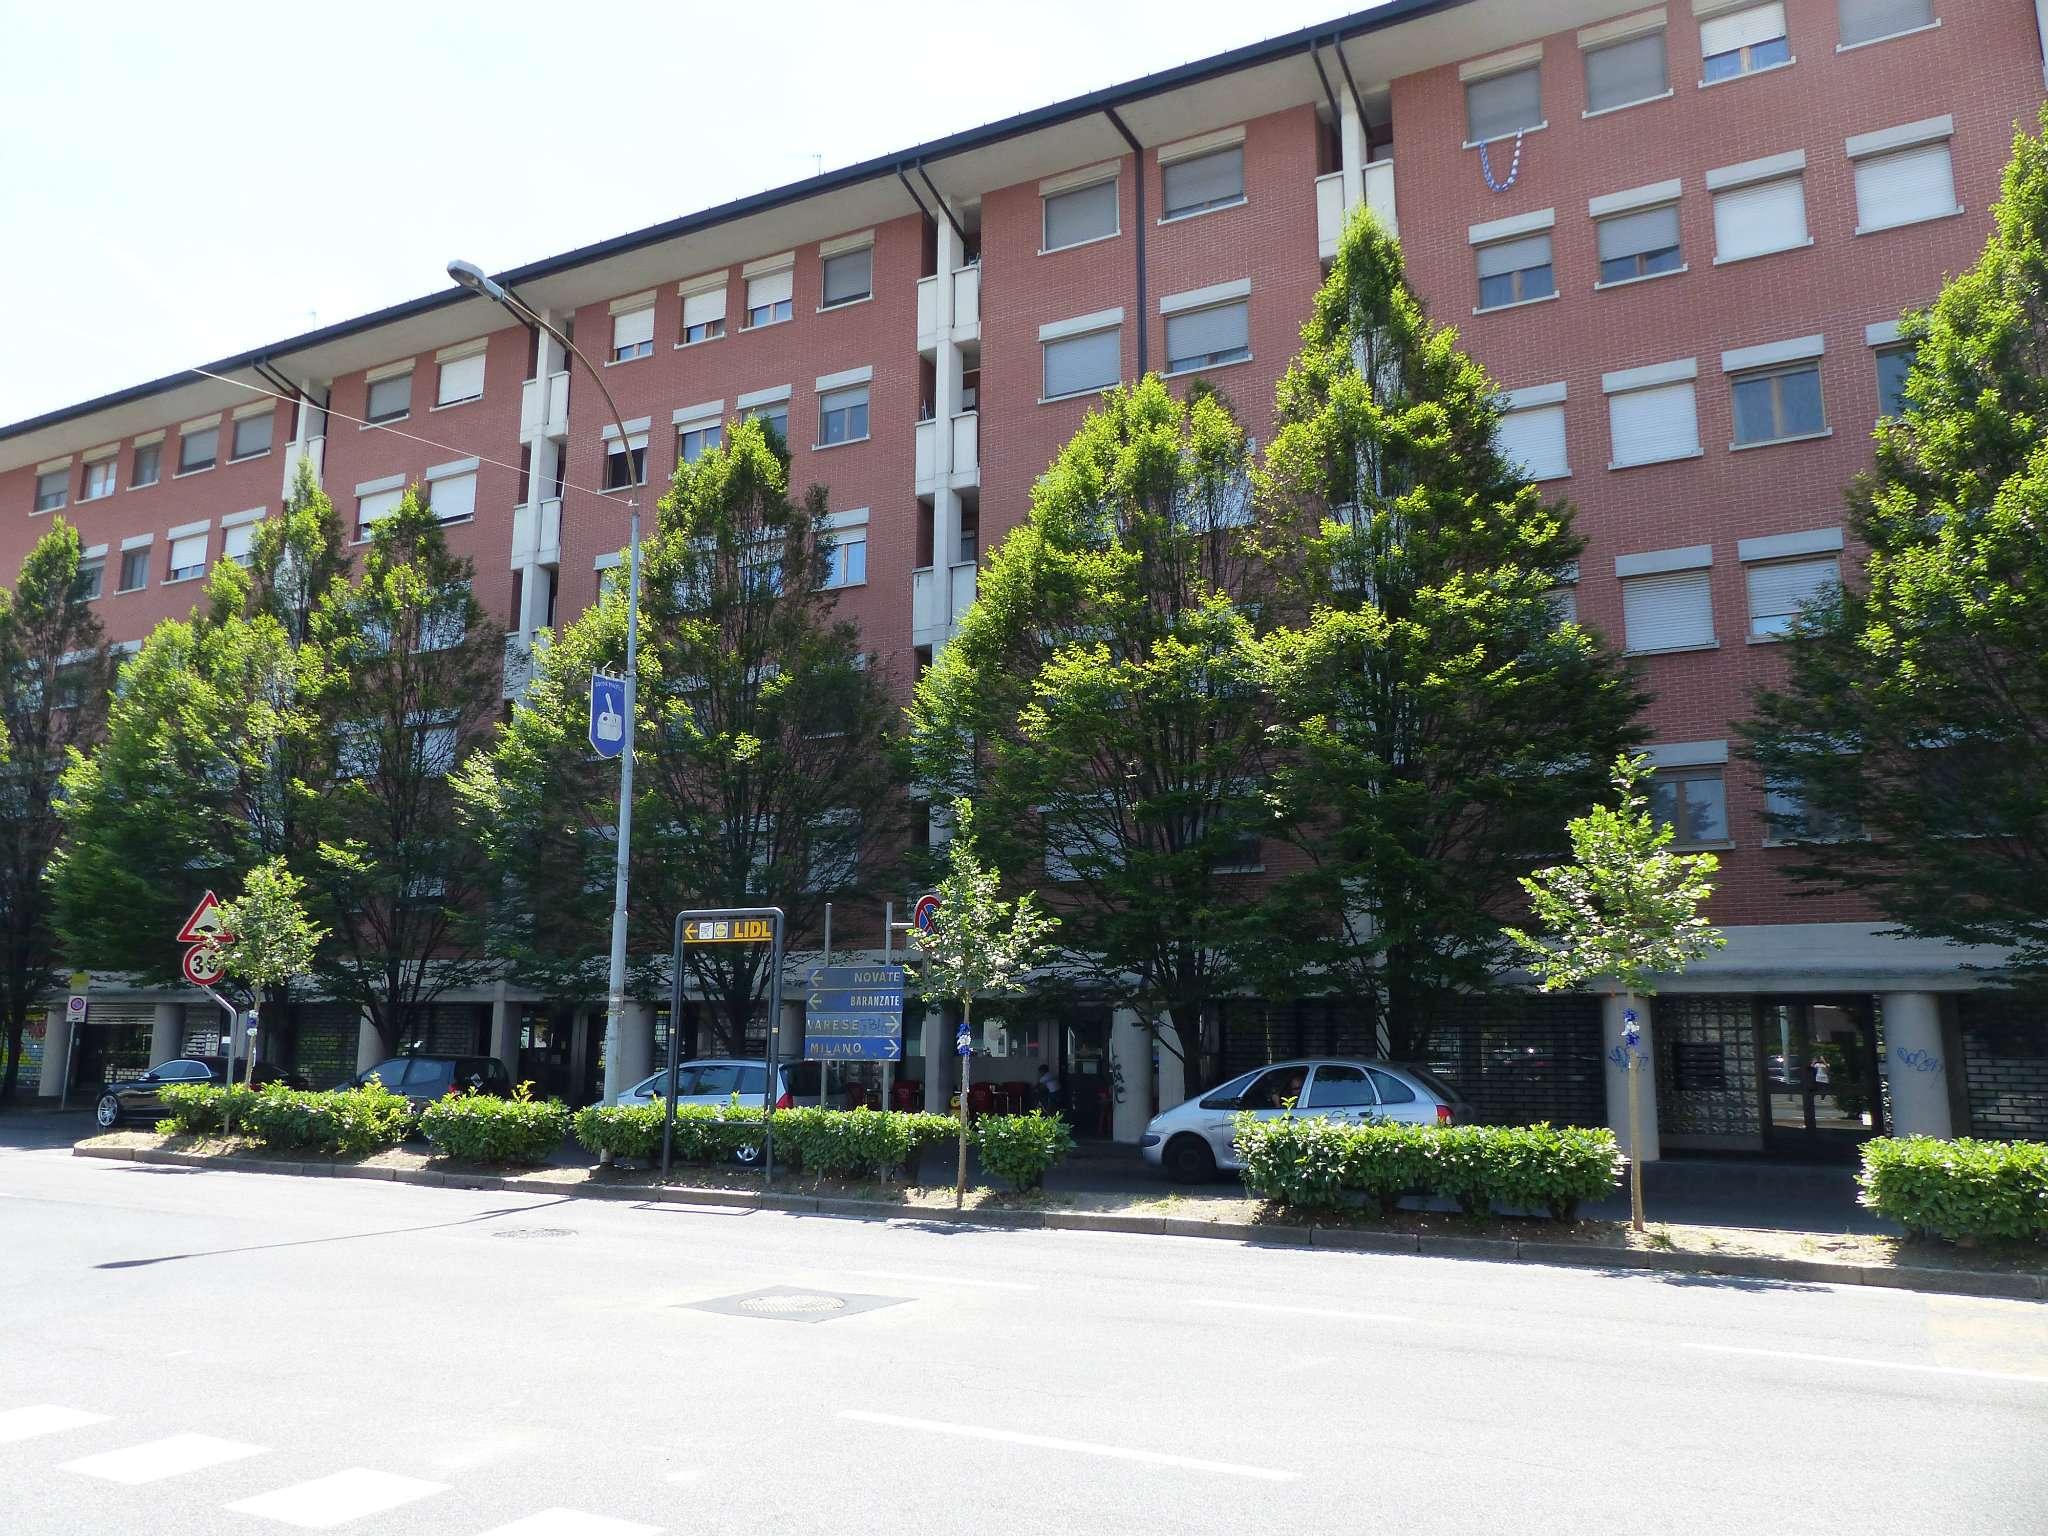 Negozio / Locale in vendita a Bollate, 1 locali, prezzo € 85.000   Cambio Casa.it